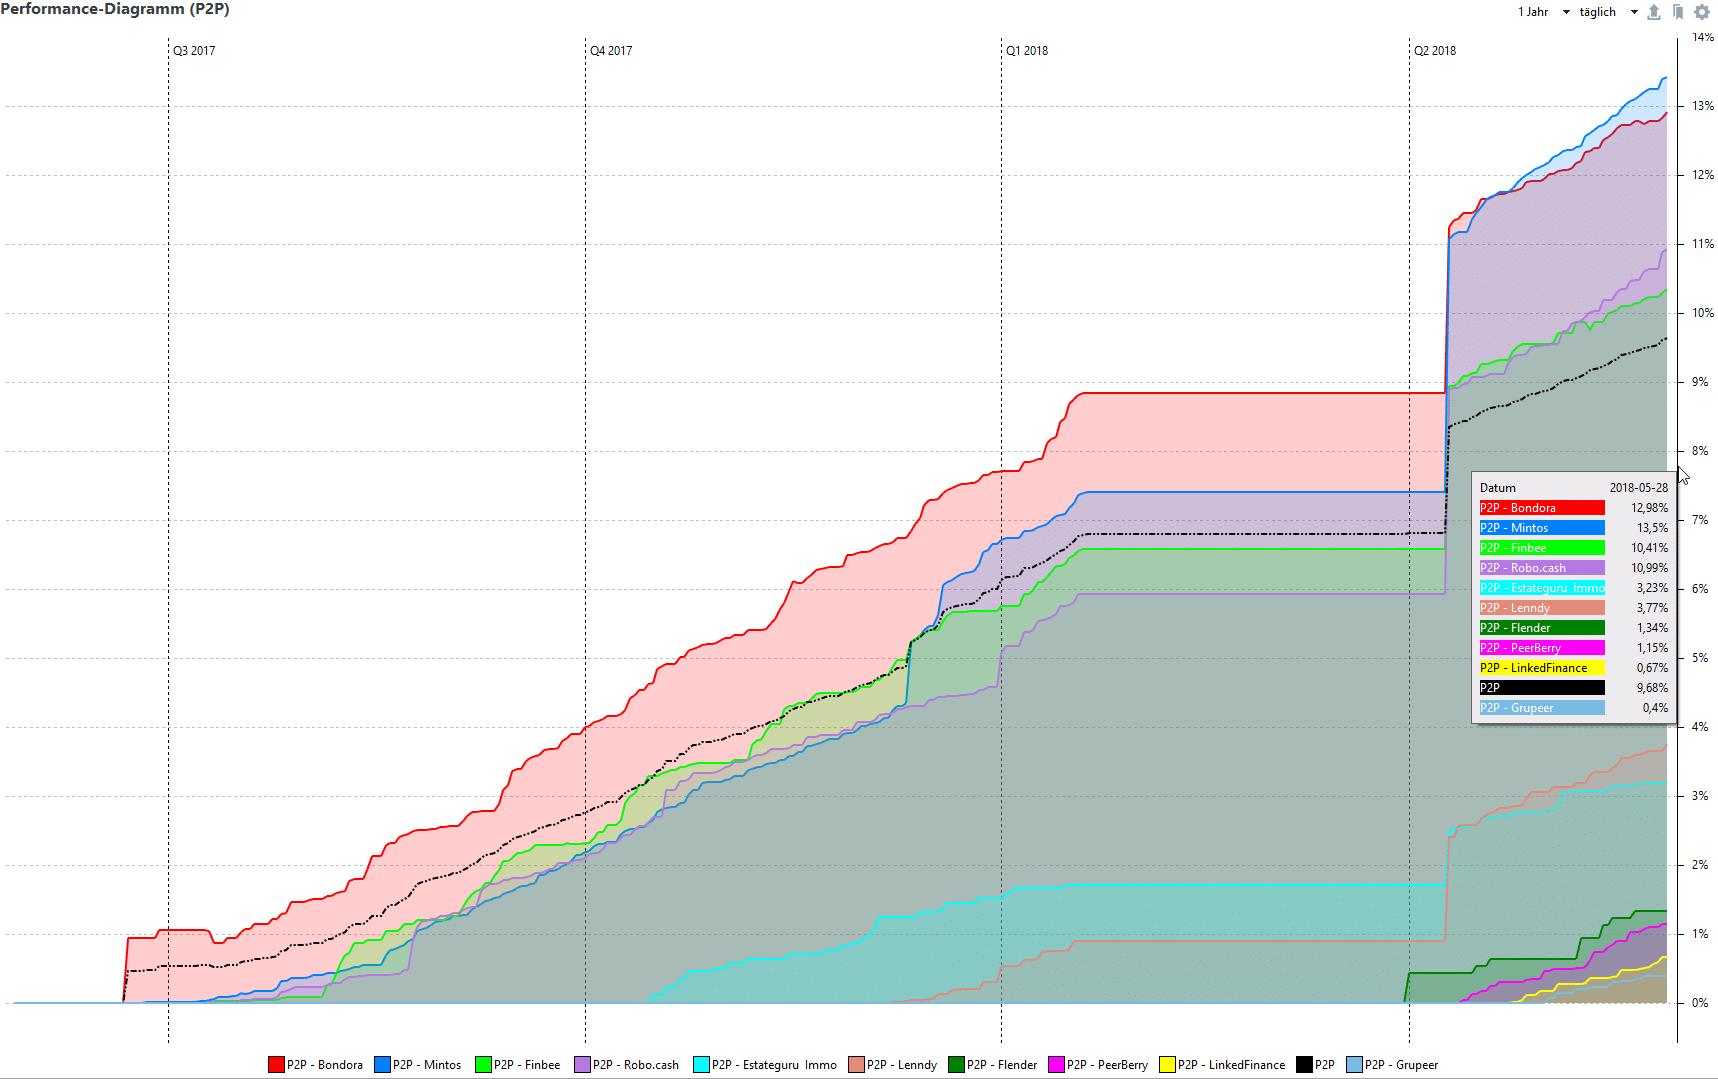 P2P Portfolio Performance Diagramm